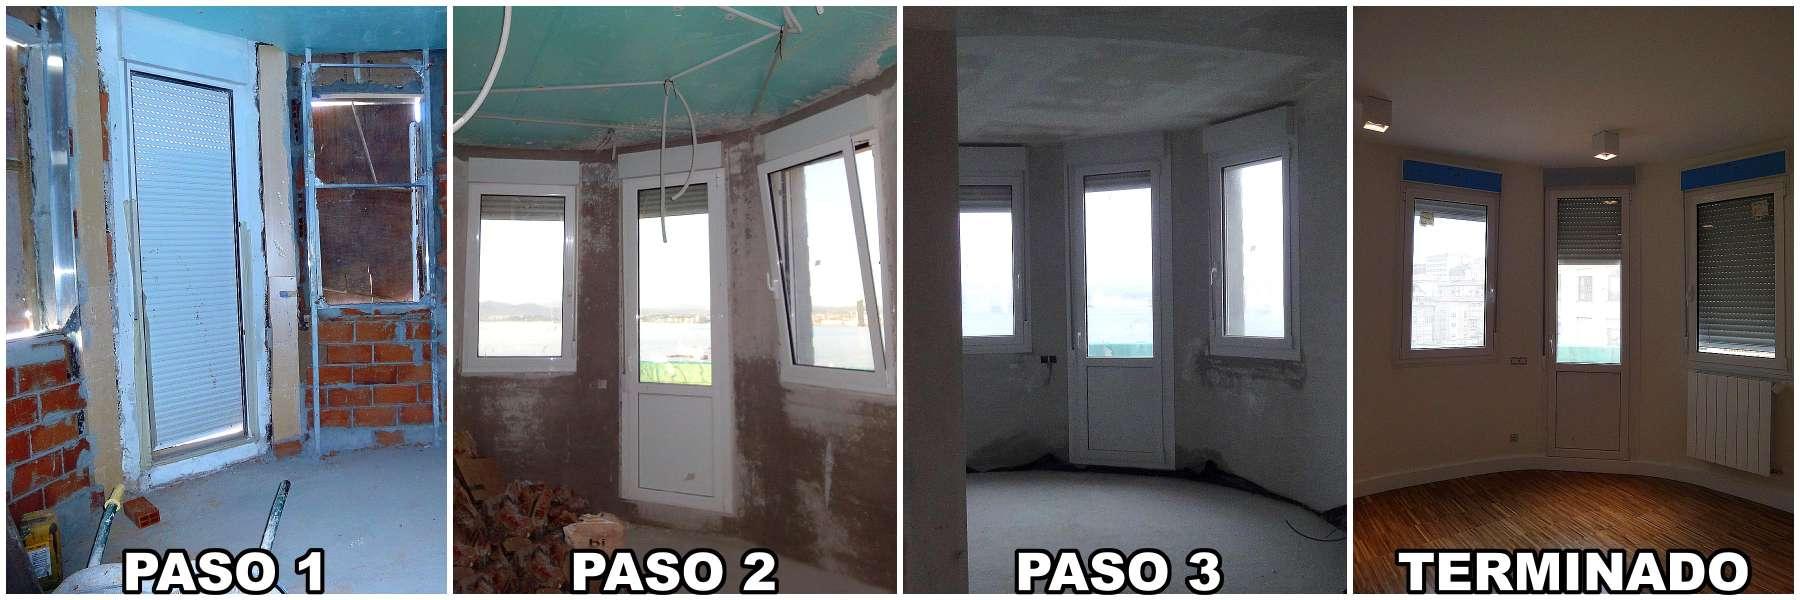 Reforma Piso en Santander (Cantabria) - Construcciones Ángel Montoya e hijos